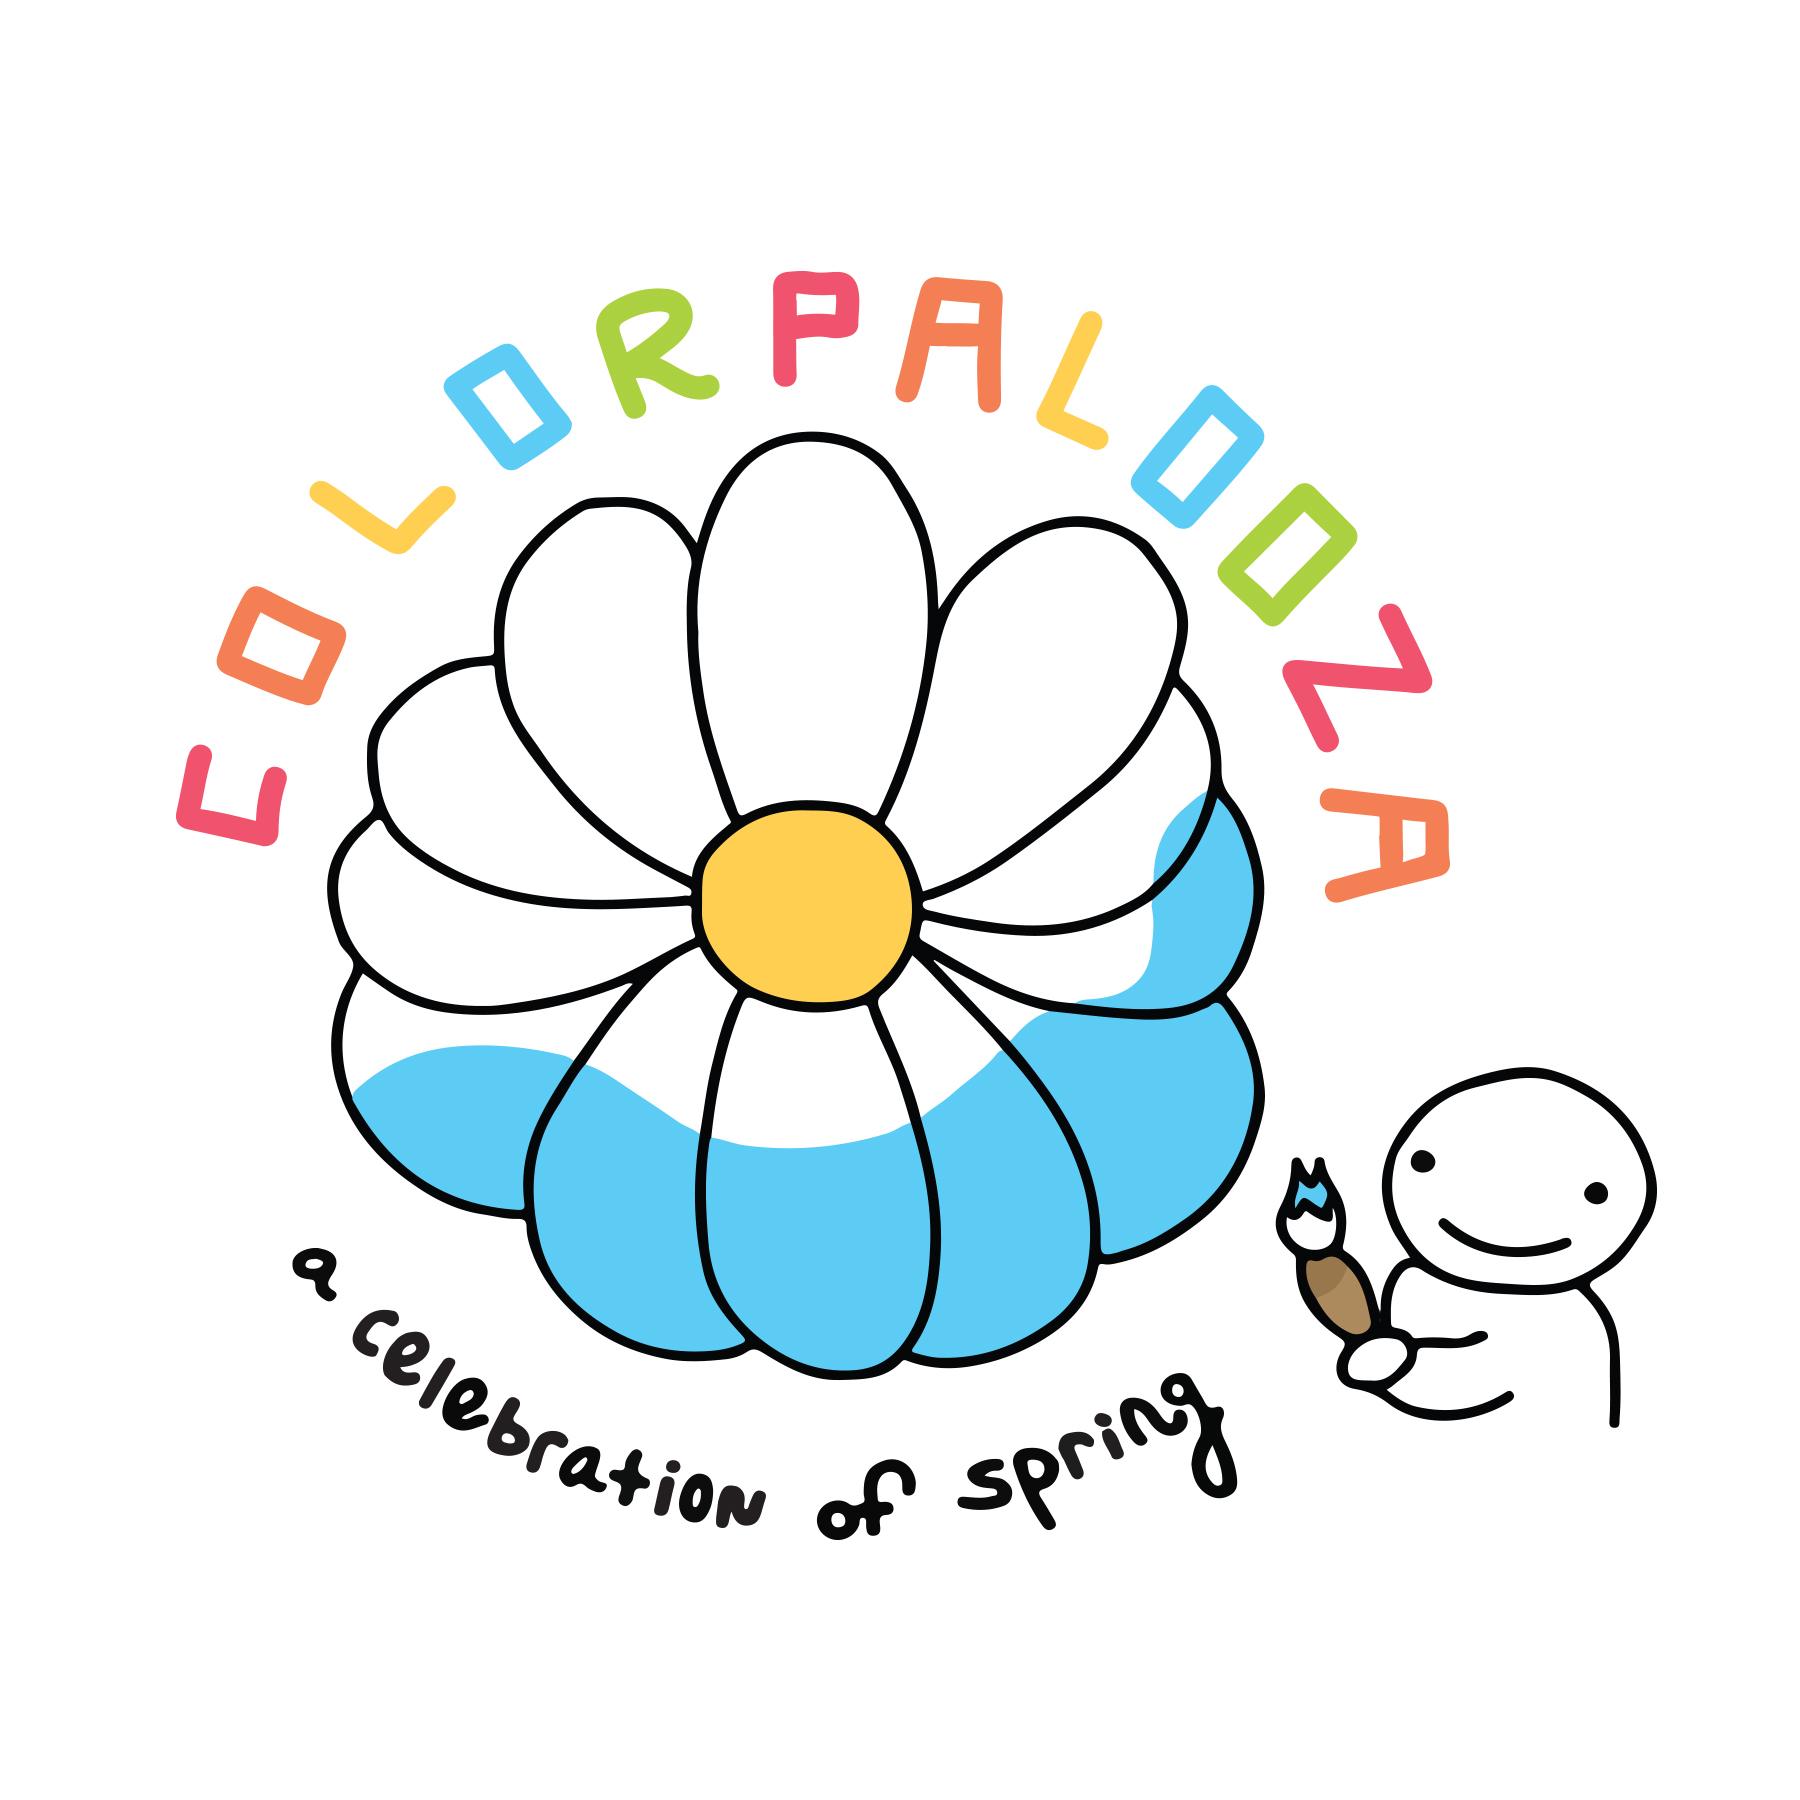 2019 ColorPalooza